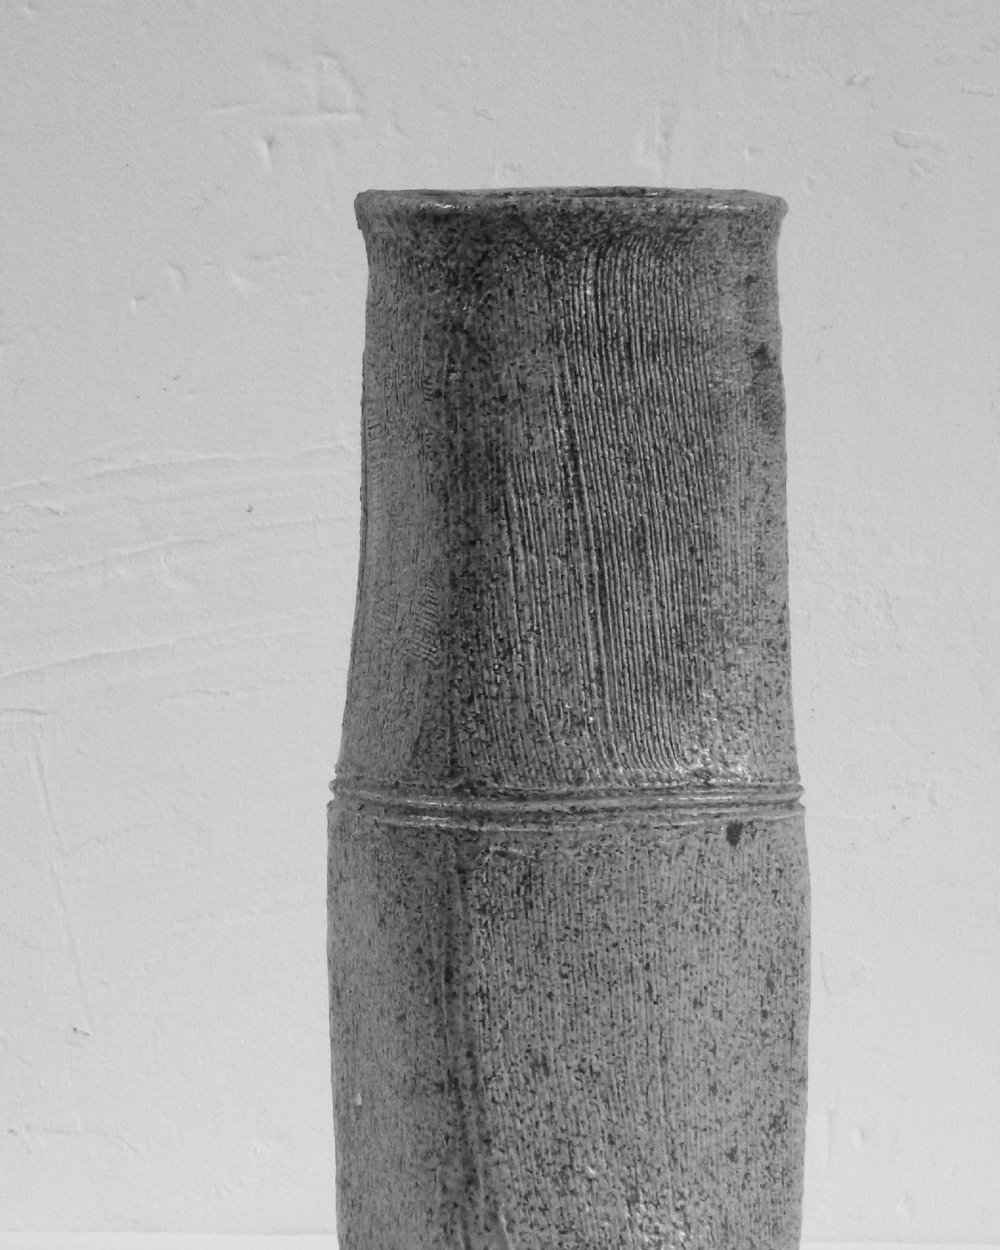 Tiffoche 1 2.jpg Greyscale